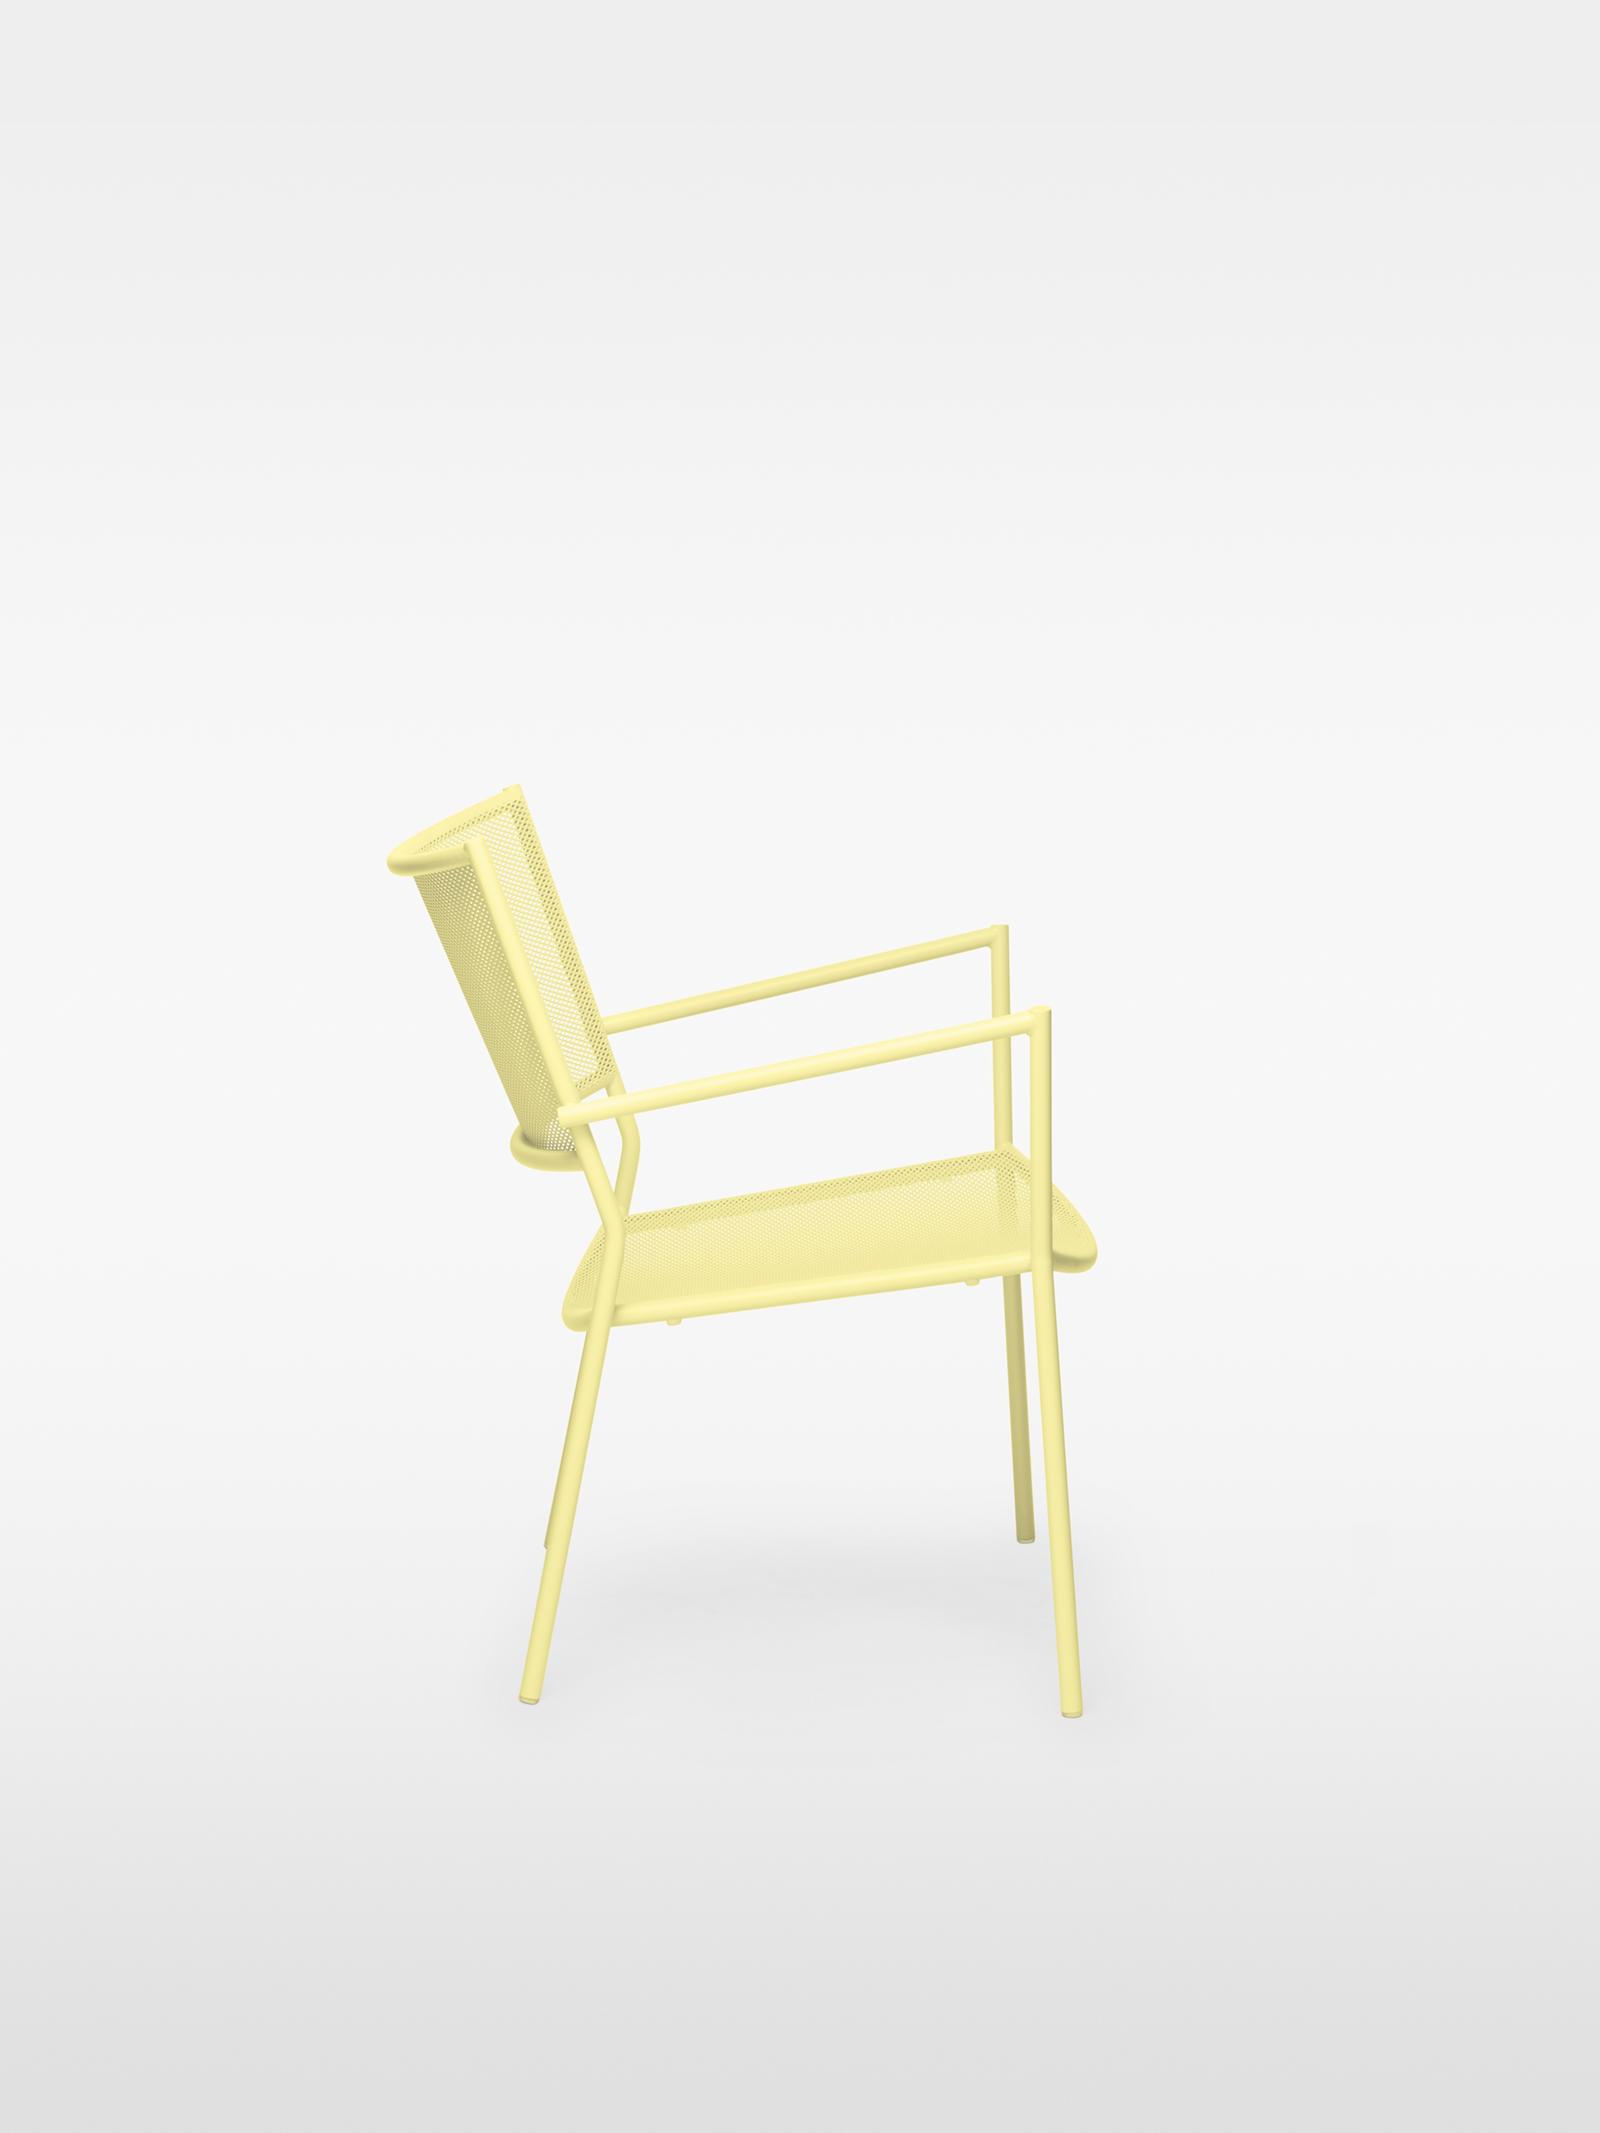 TinnappelMetz-massproductions-Jig-Easy-Chair-3